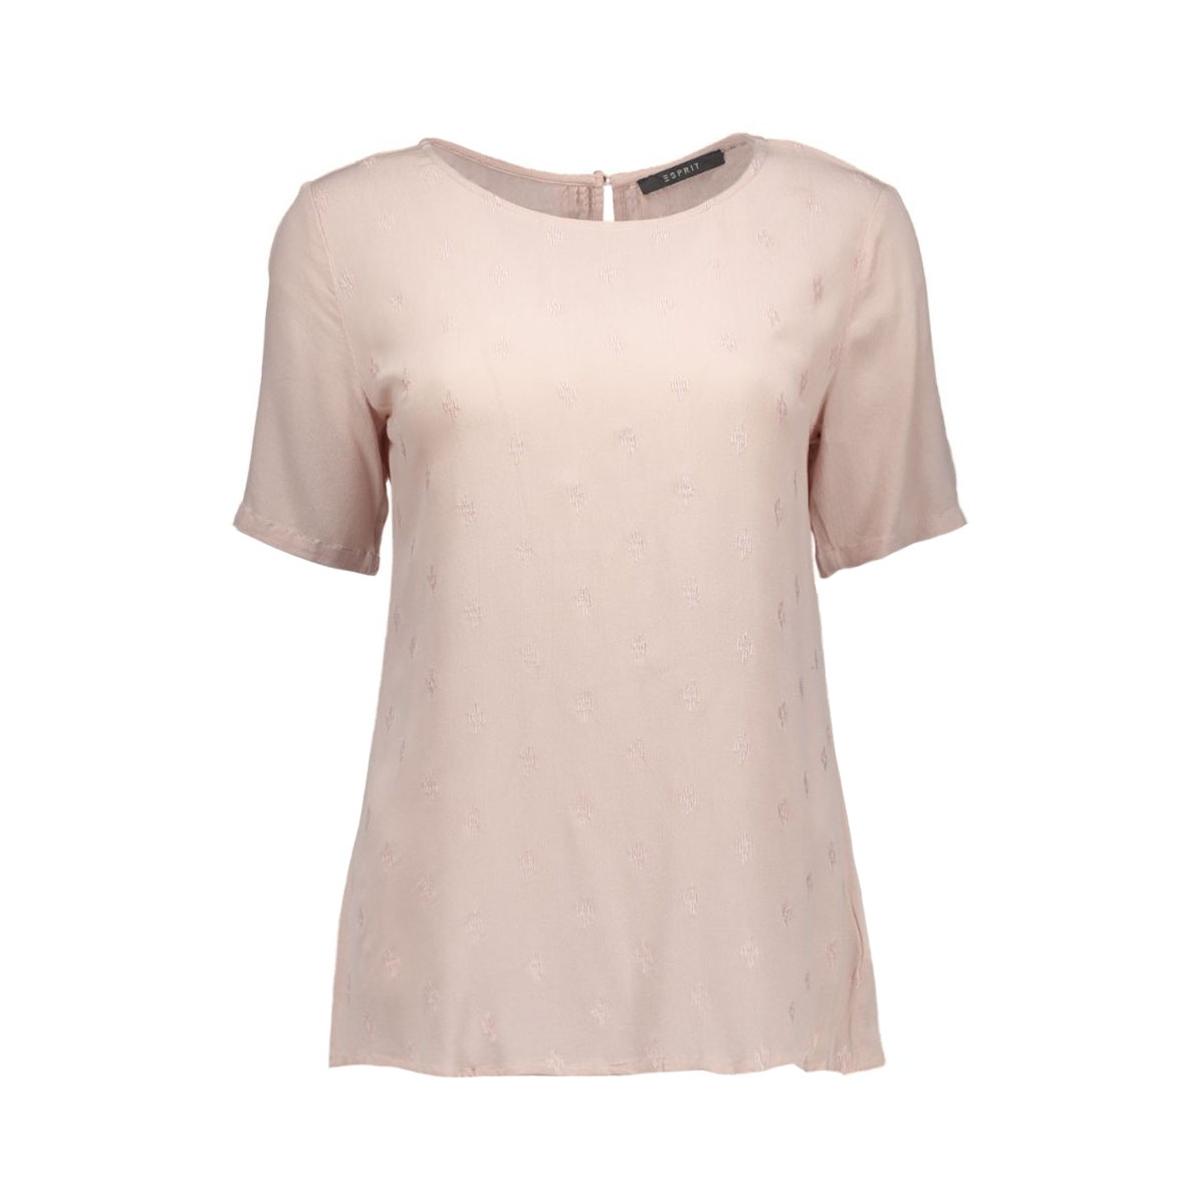 086eo1f009 esprit collection t-shirt e275